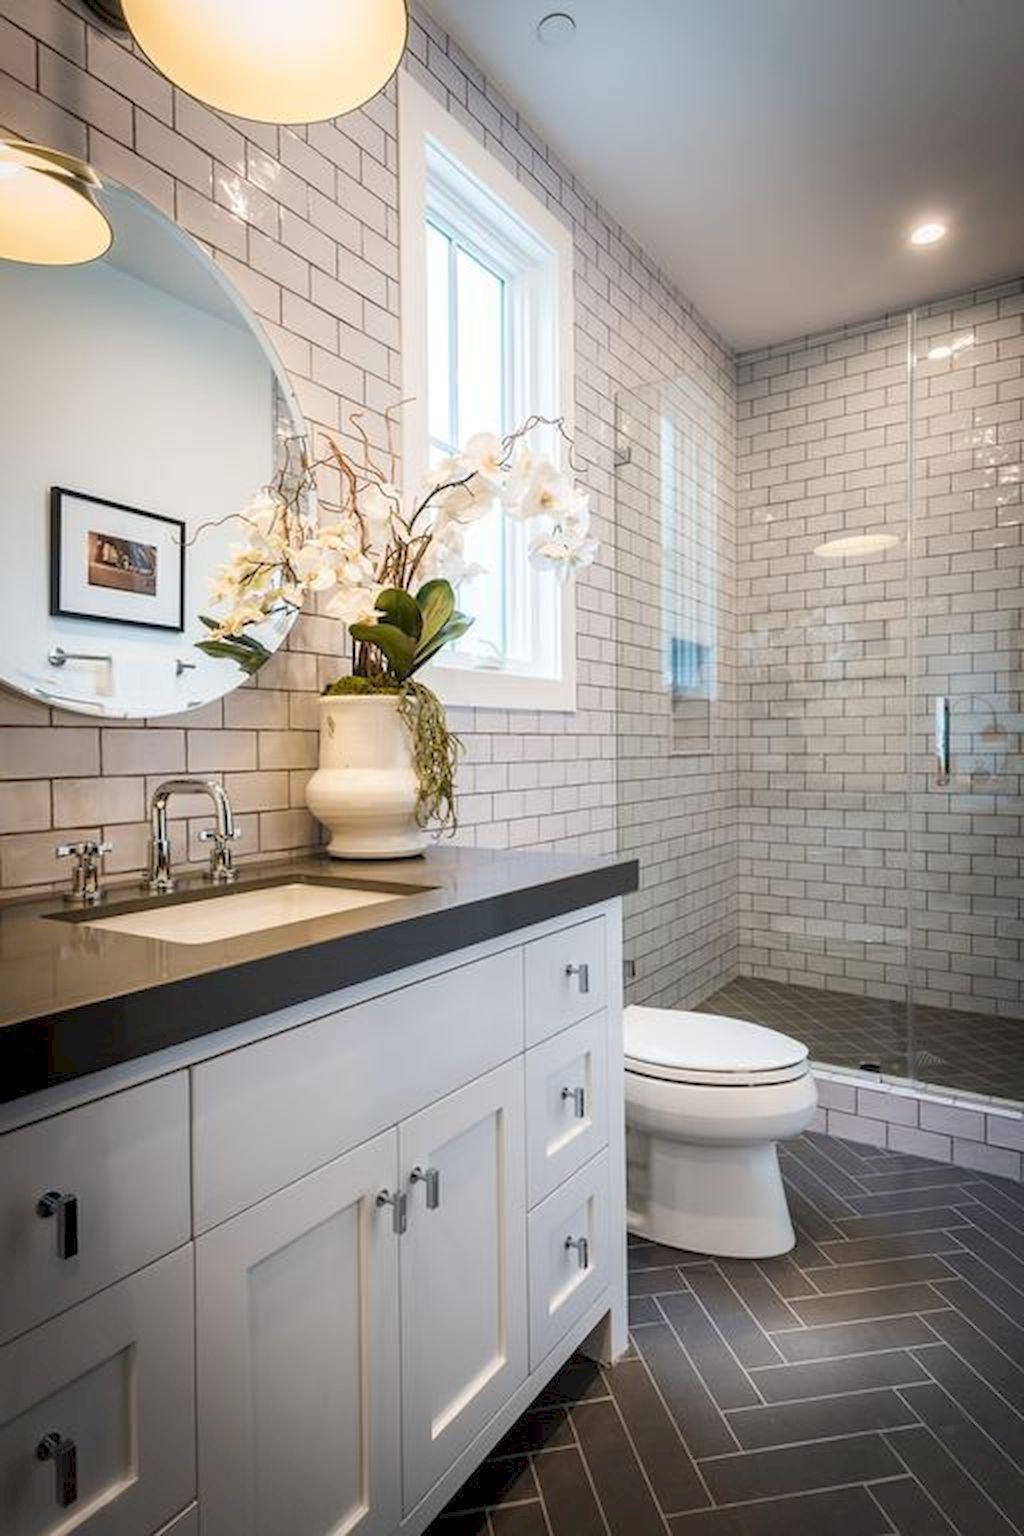 9 Great Bathroom Tile Ideas | Bathroom Tiles Ideas | Bathroom, Small